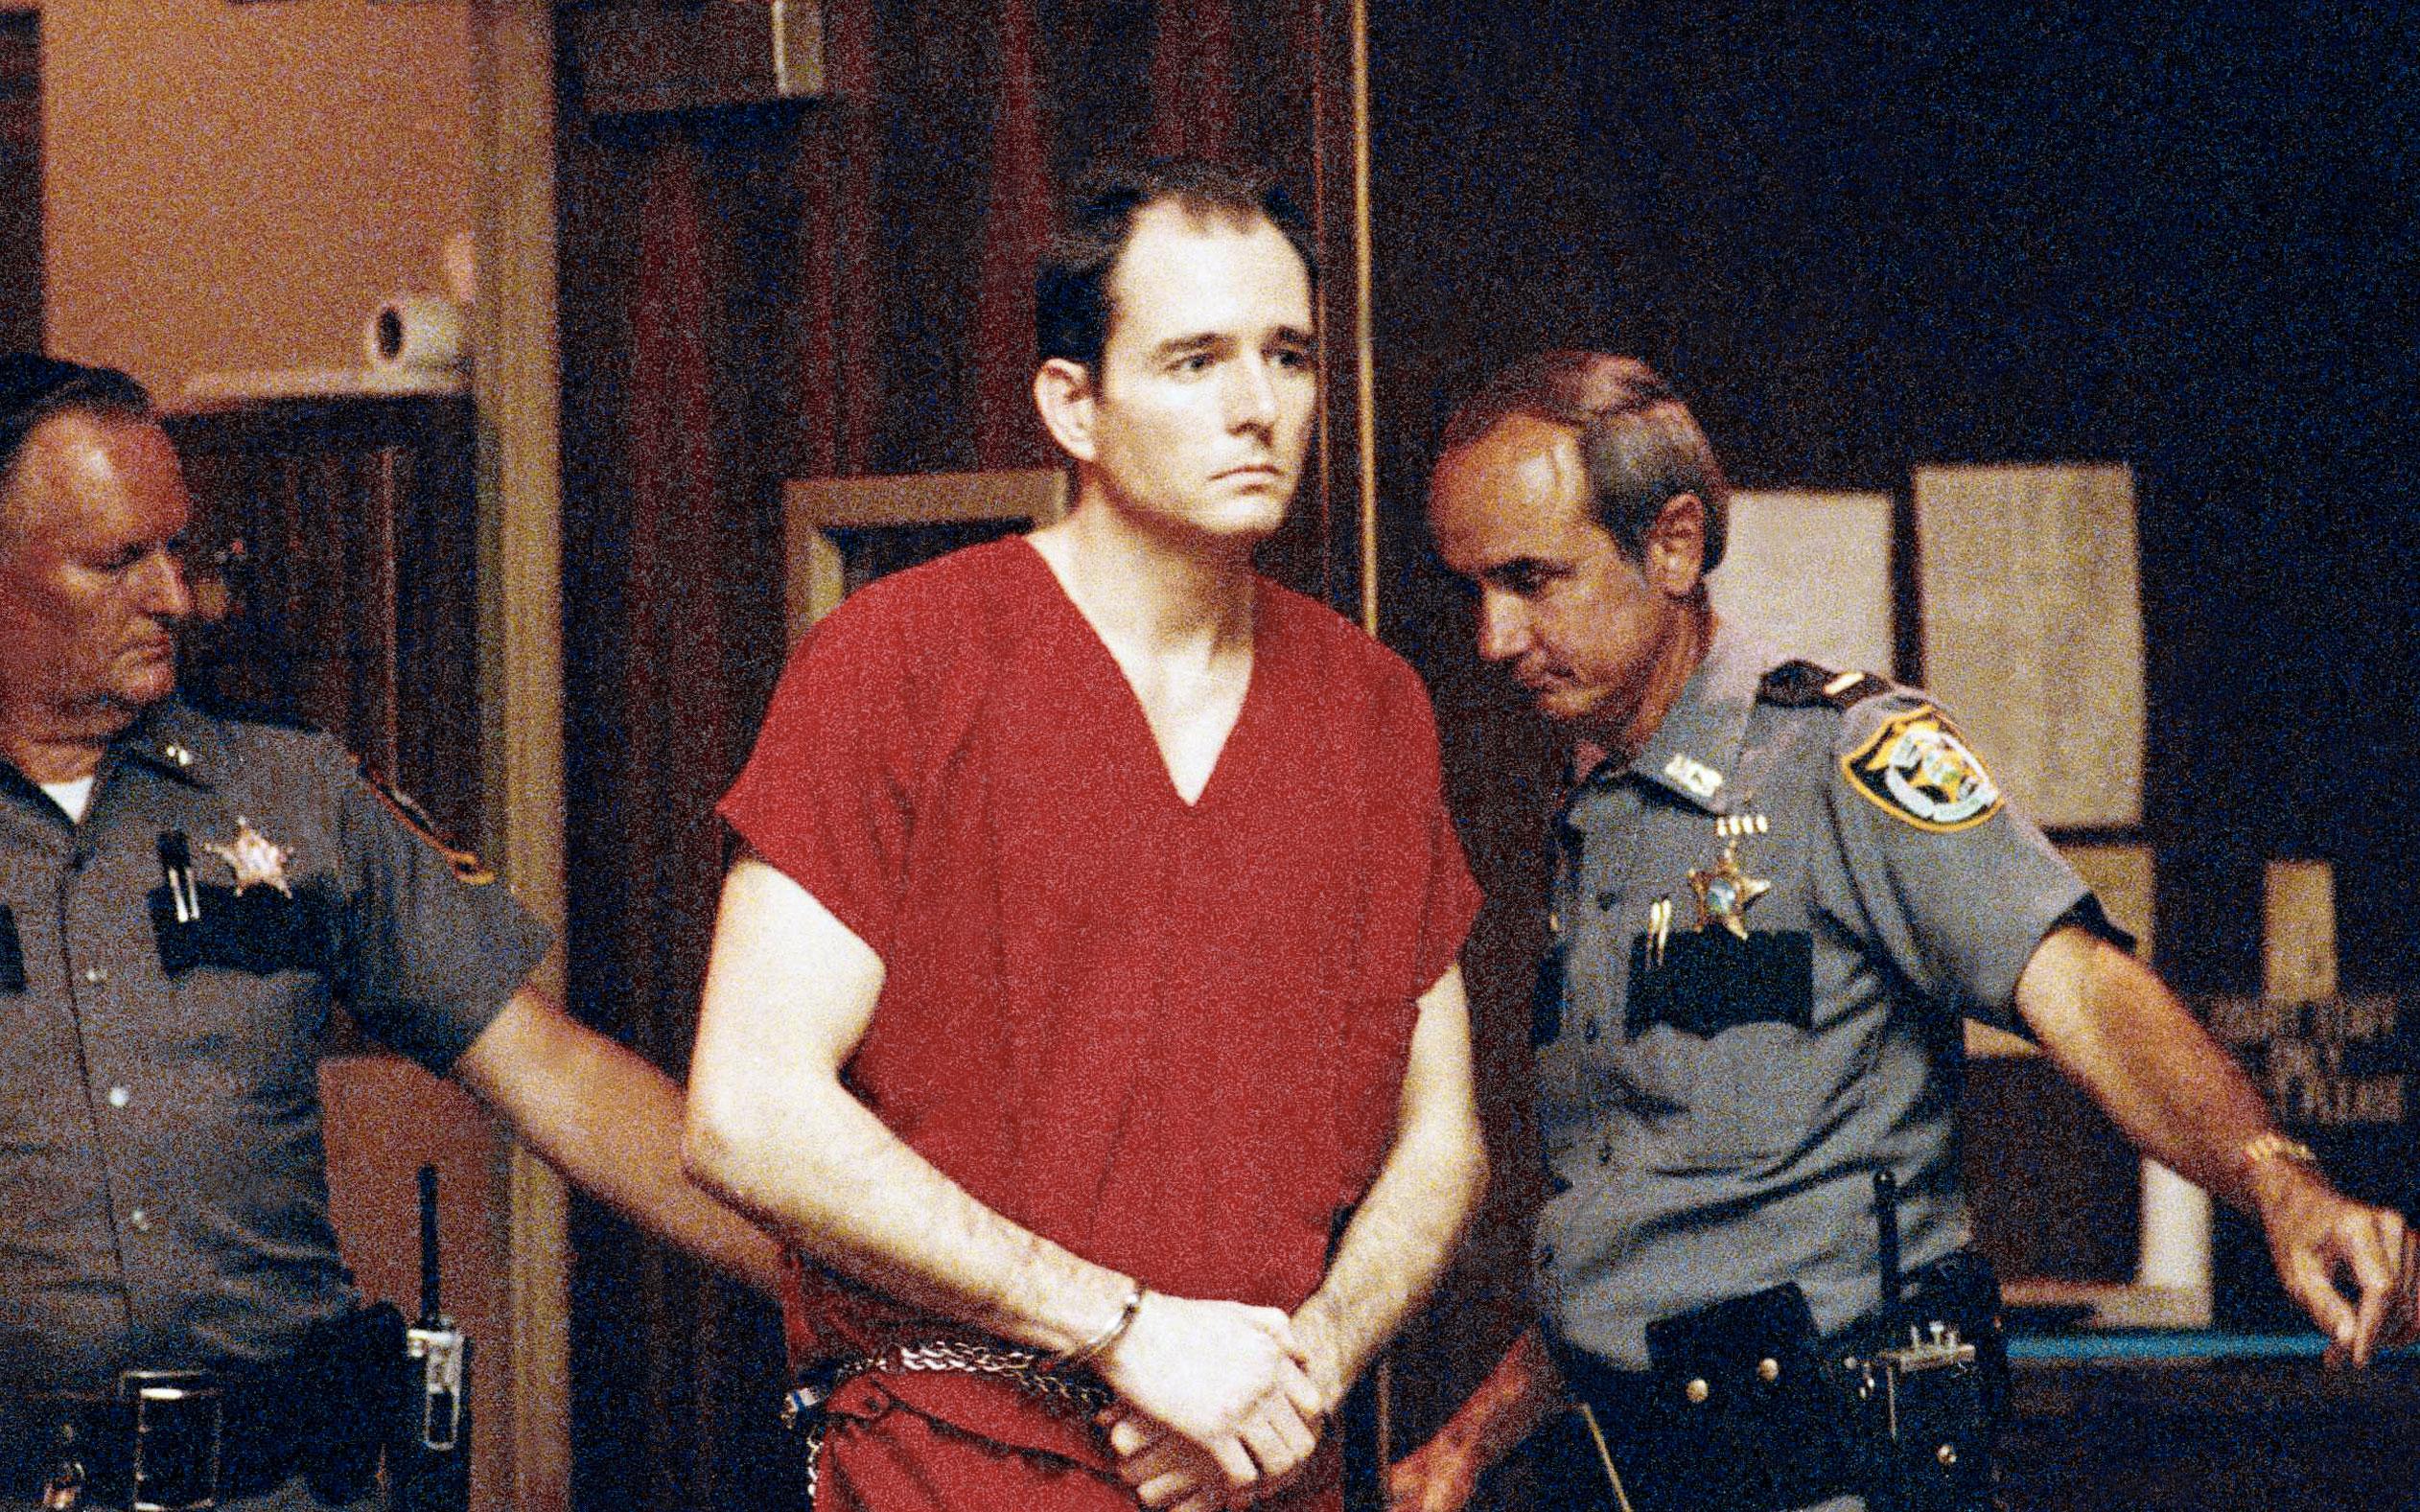 La retorcida historia del asesino de 'Gainesville Ripper' Danny Rolling, quien asesinó y mutiló a estudiantes universitarios